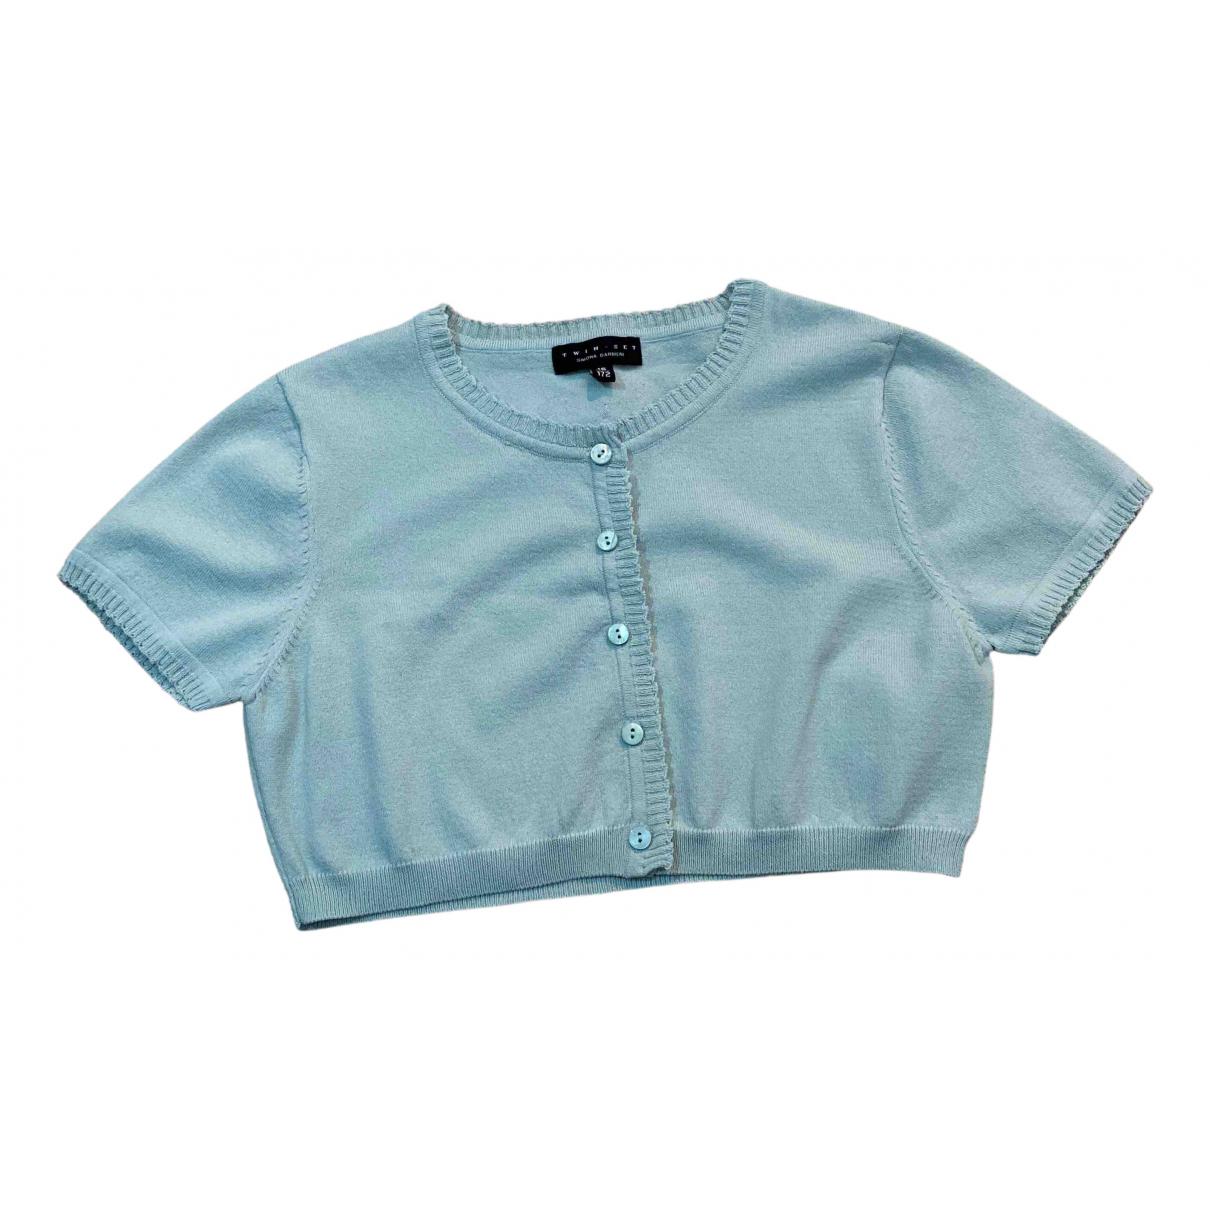 Twin Set N Blue Knitwear for Kids 12 years - XS UK